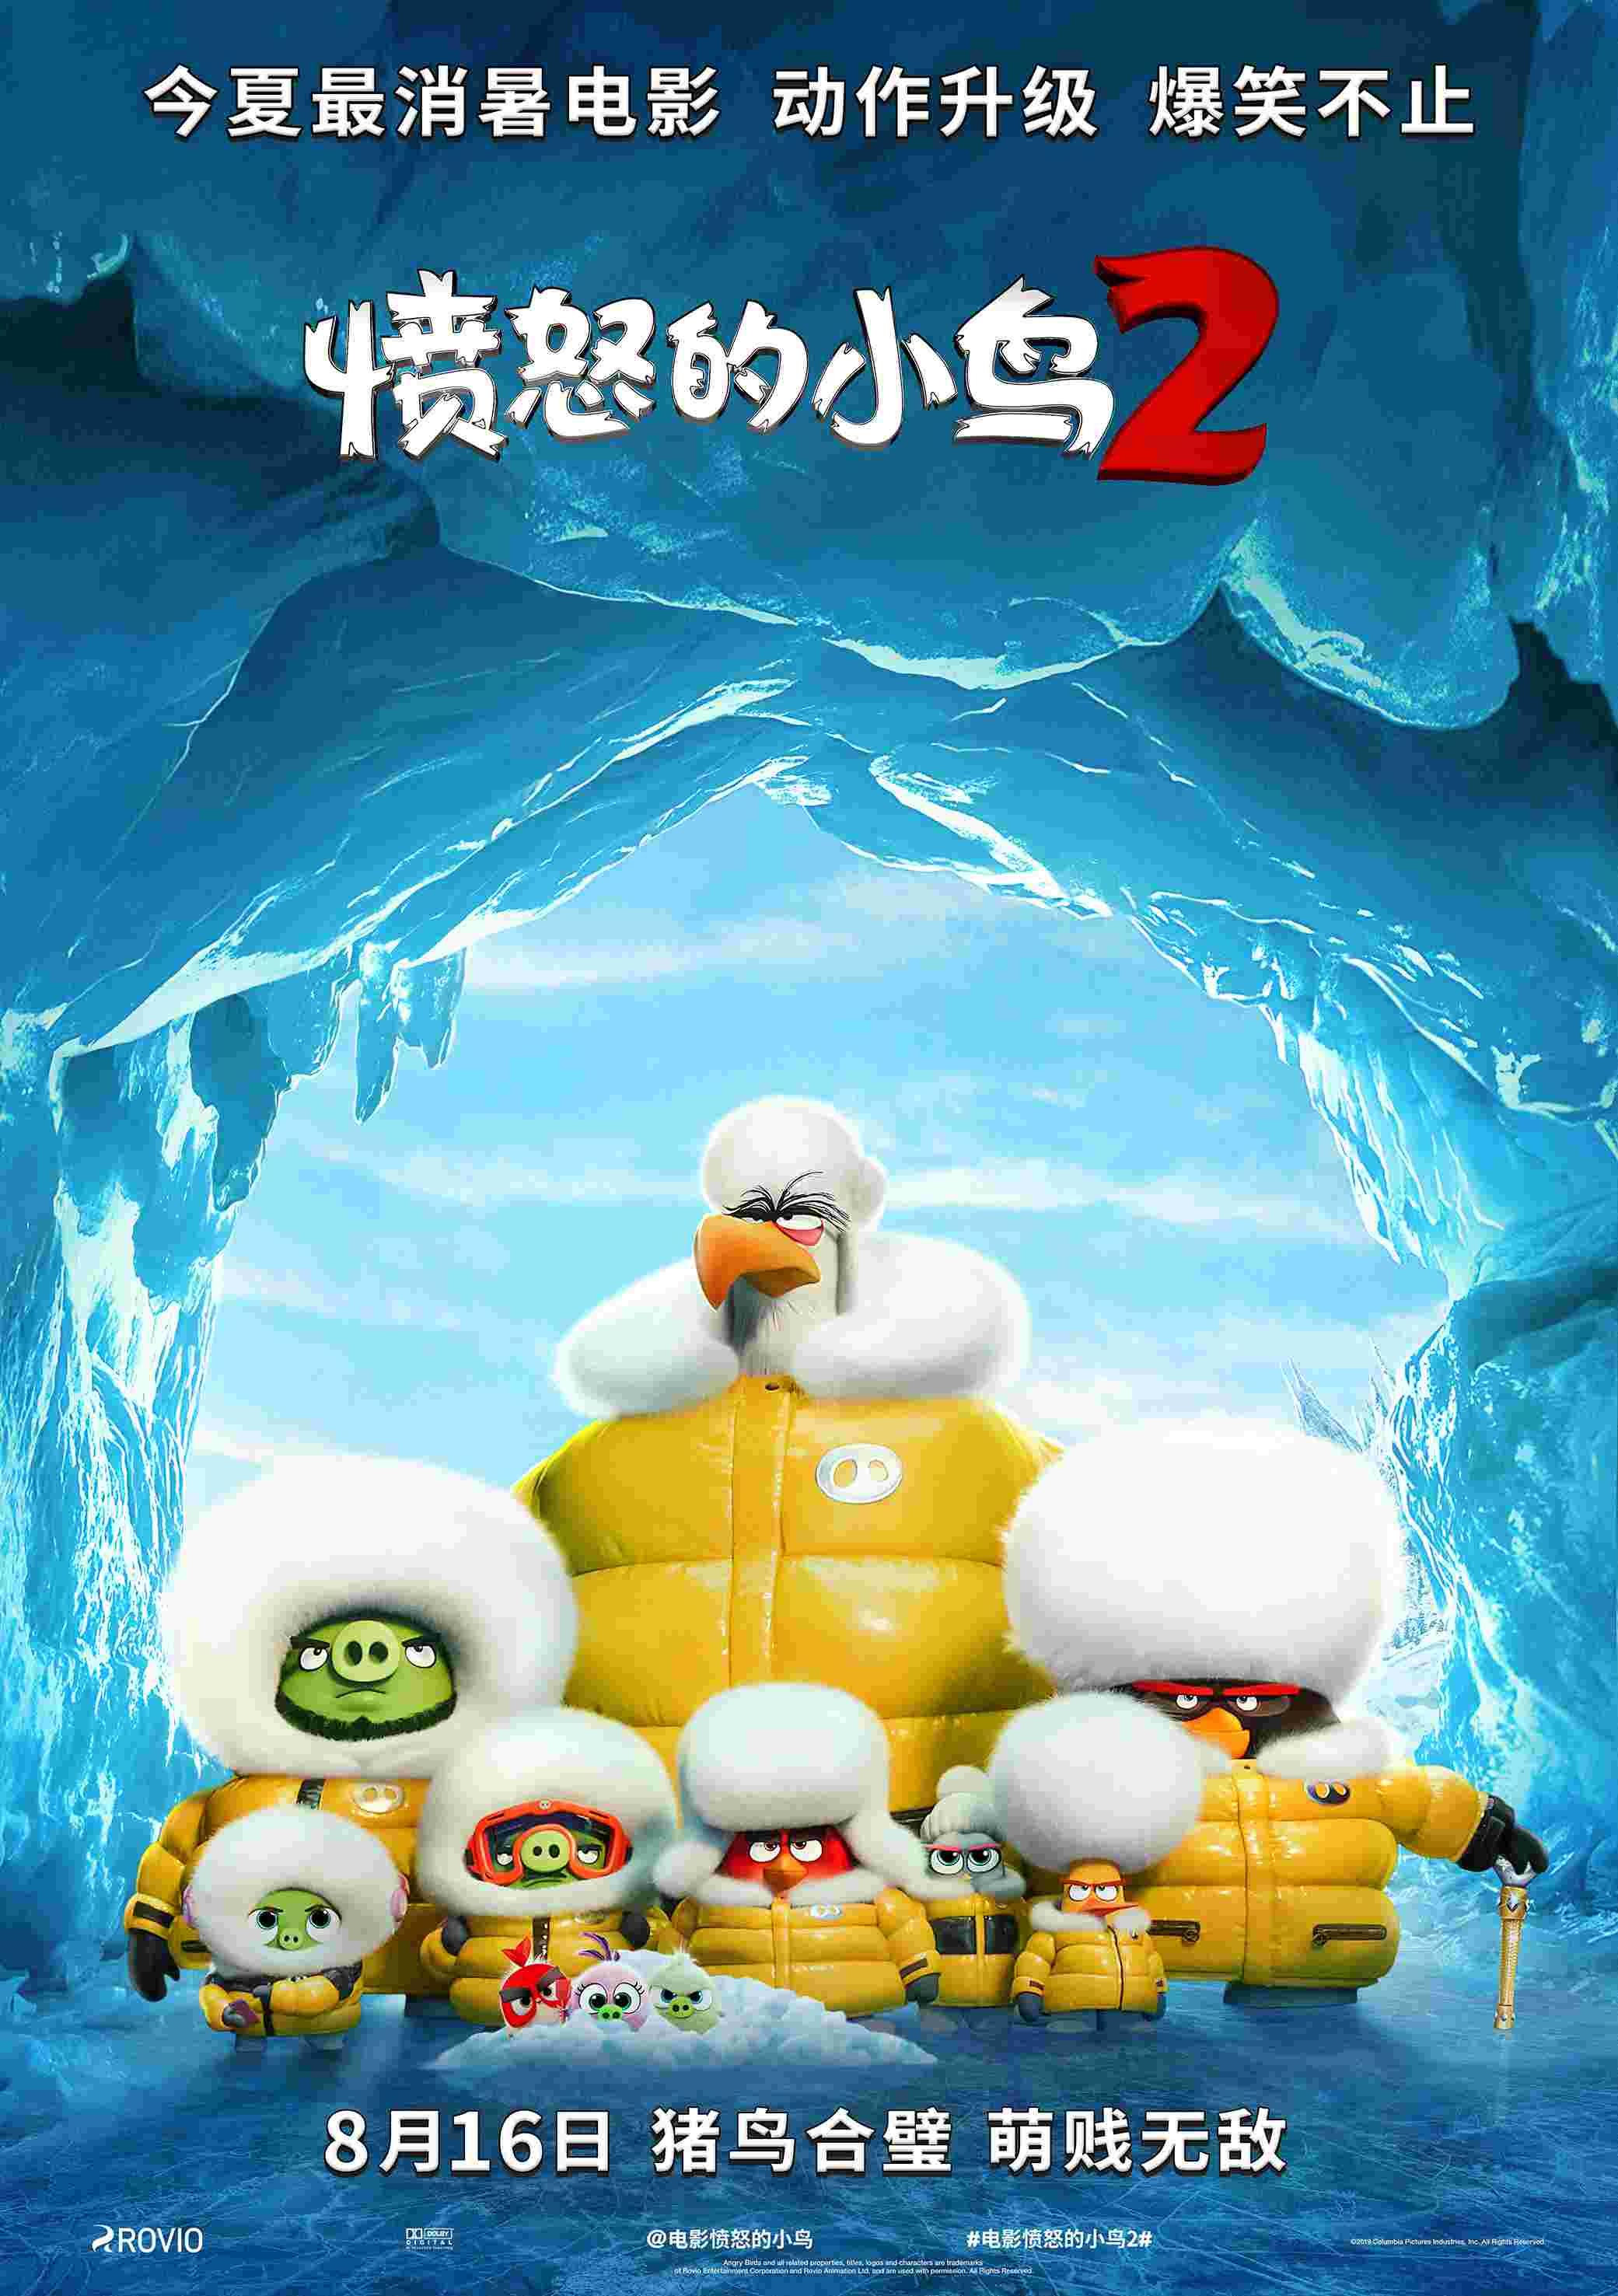 2.电影《愤怒的小鸟2》海报.jpg